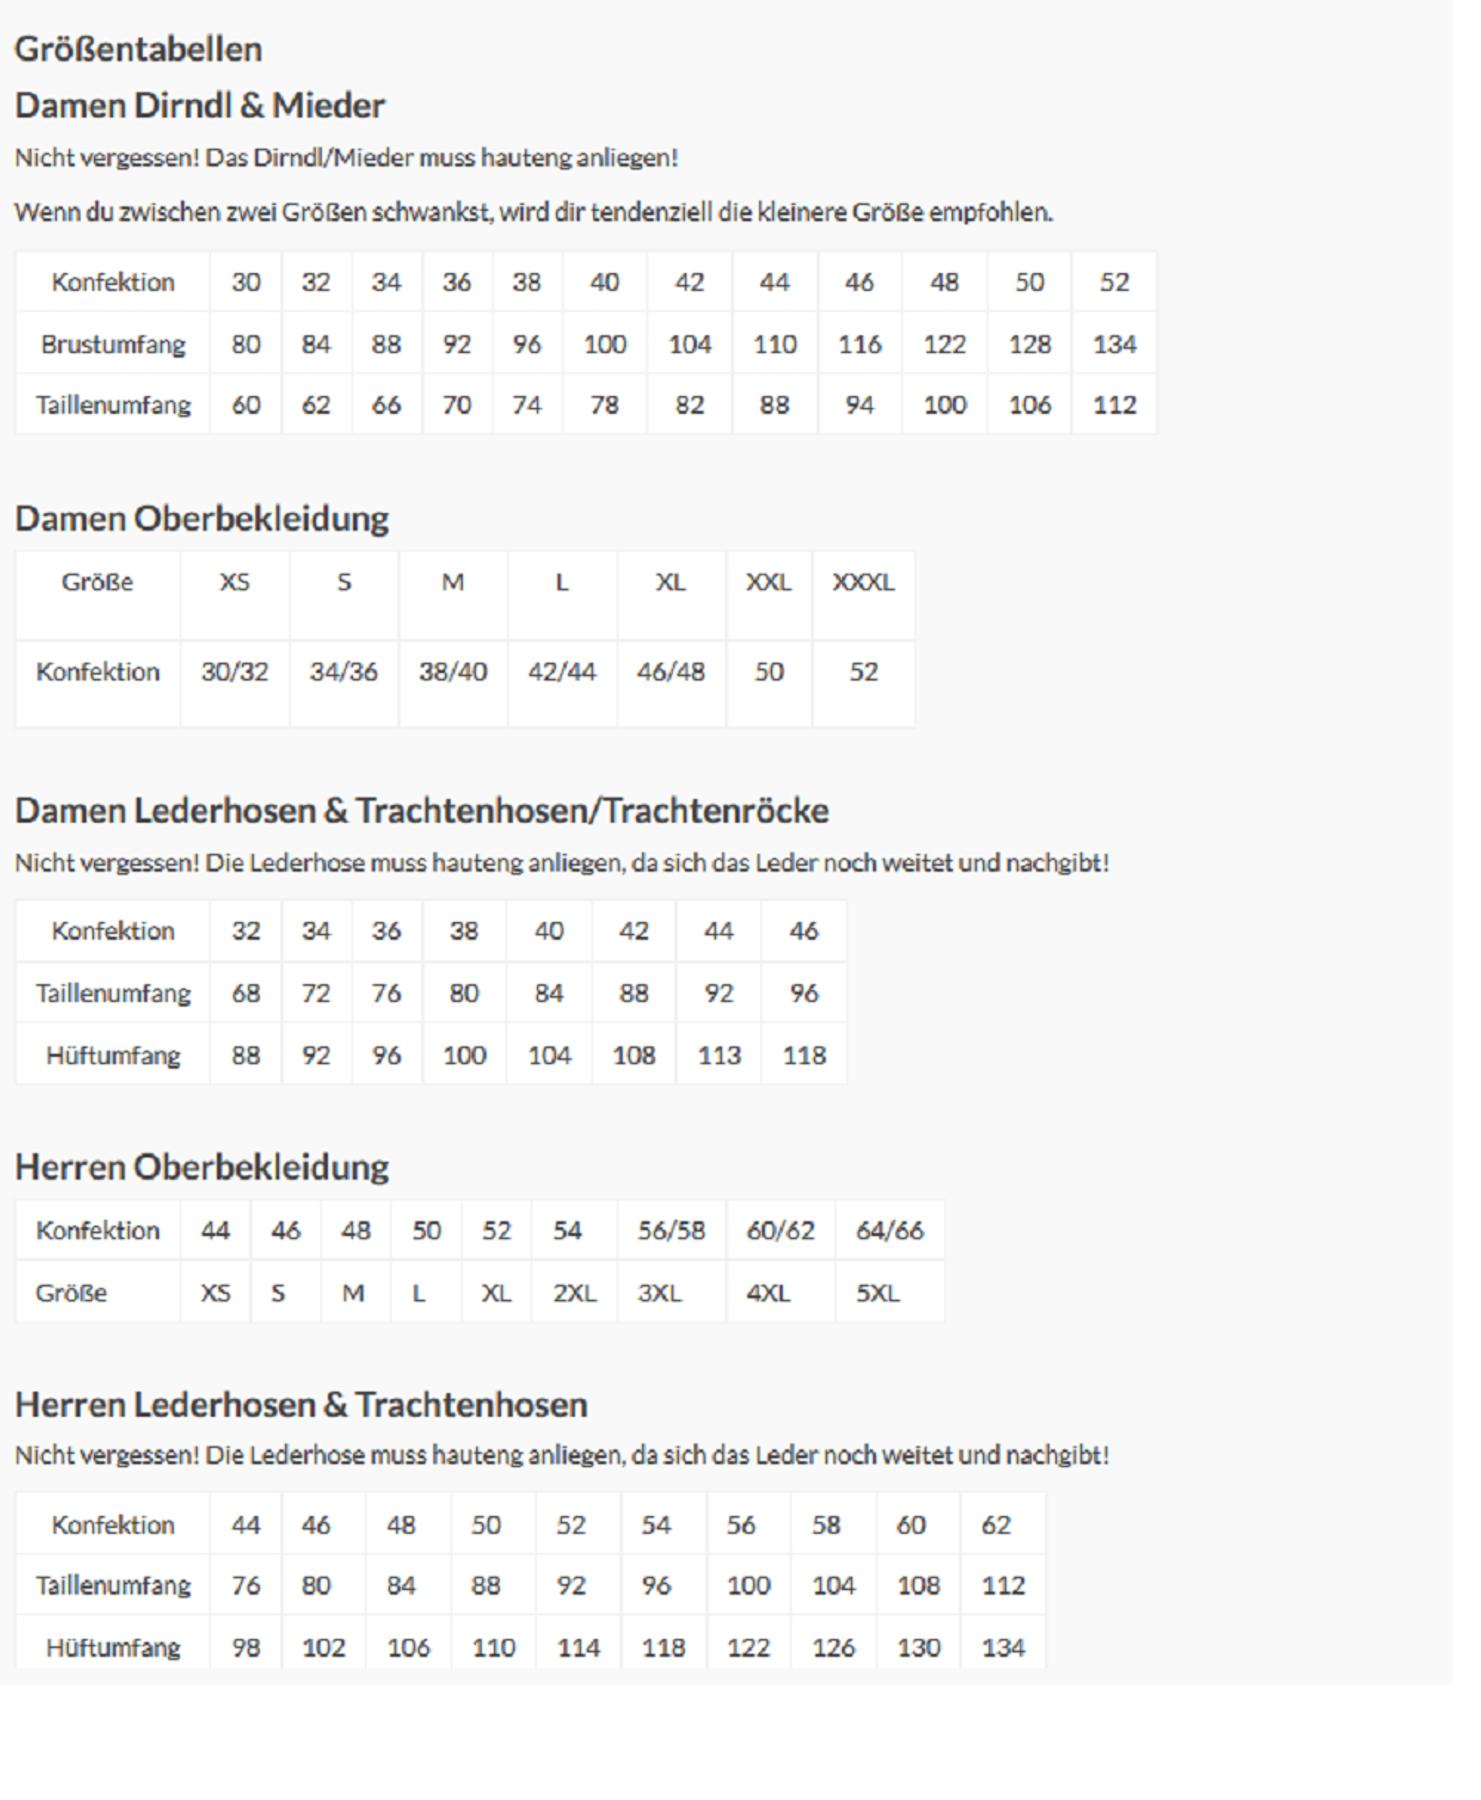 Krüger - Herren Lederhose kurz, mit abnehmbaren und verstellbaren Trägern in Braun aus hochwertigem Ziegenvelour, Max Braun (Artikelnummer: 911-7) – Bild 5